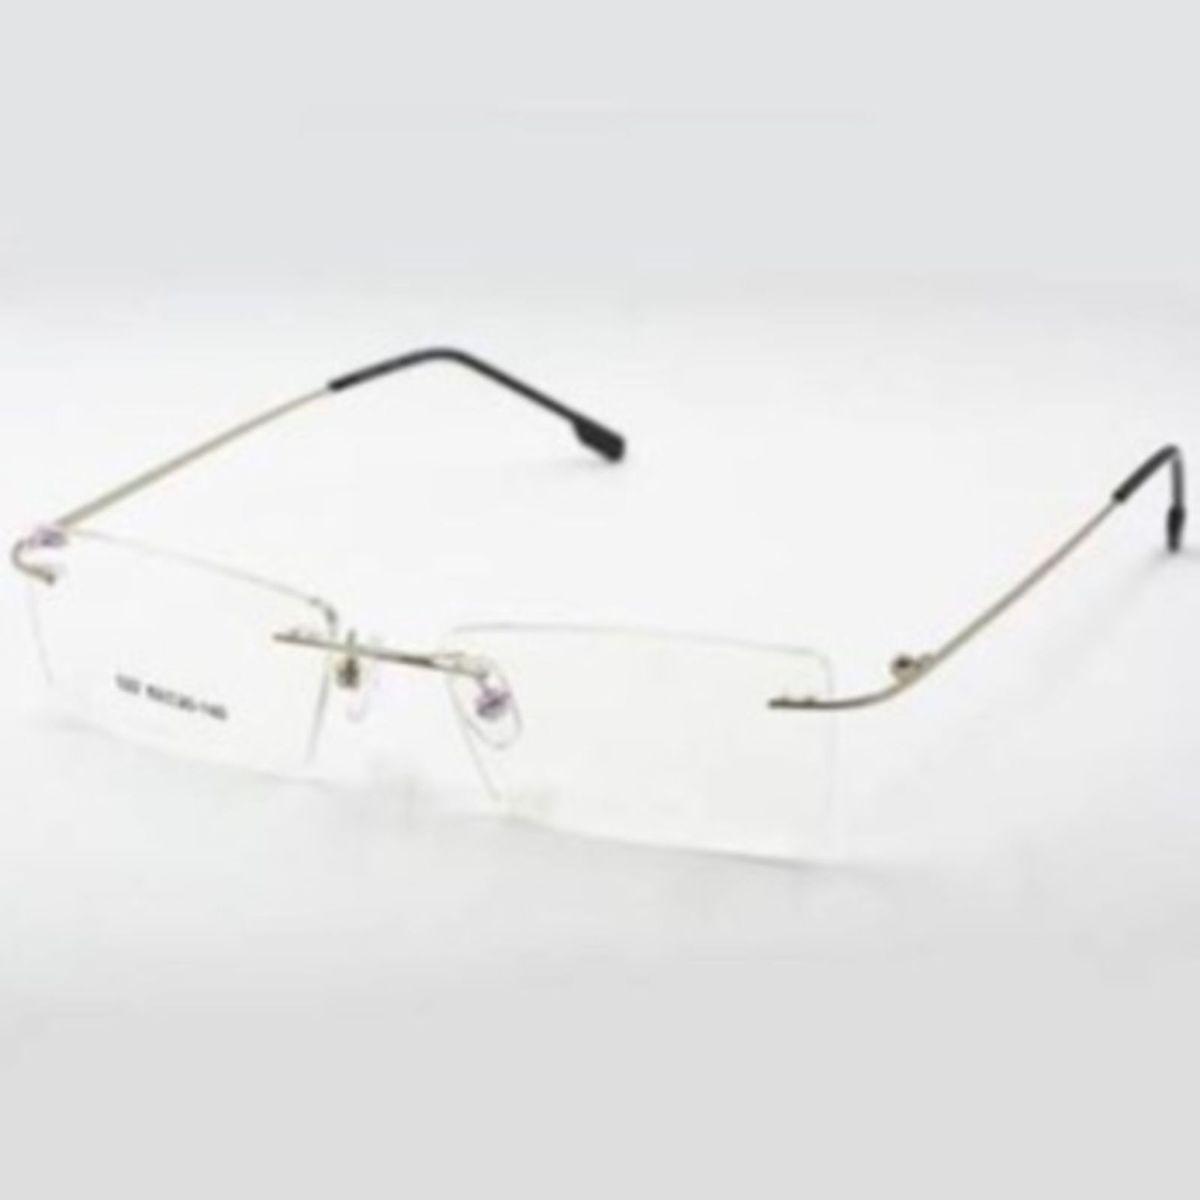 5ecea6513 Armação Oculos Grau Titânio Memory Original Feminino Masculino | Óculos  Masculino Titanium Memory Nunca Usado 22662561 | enjoei